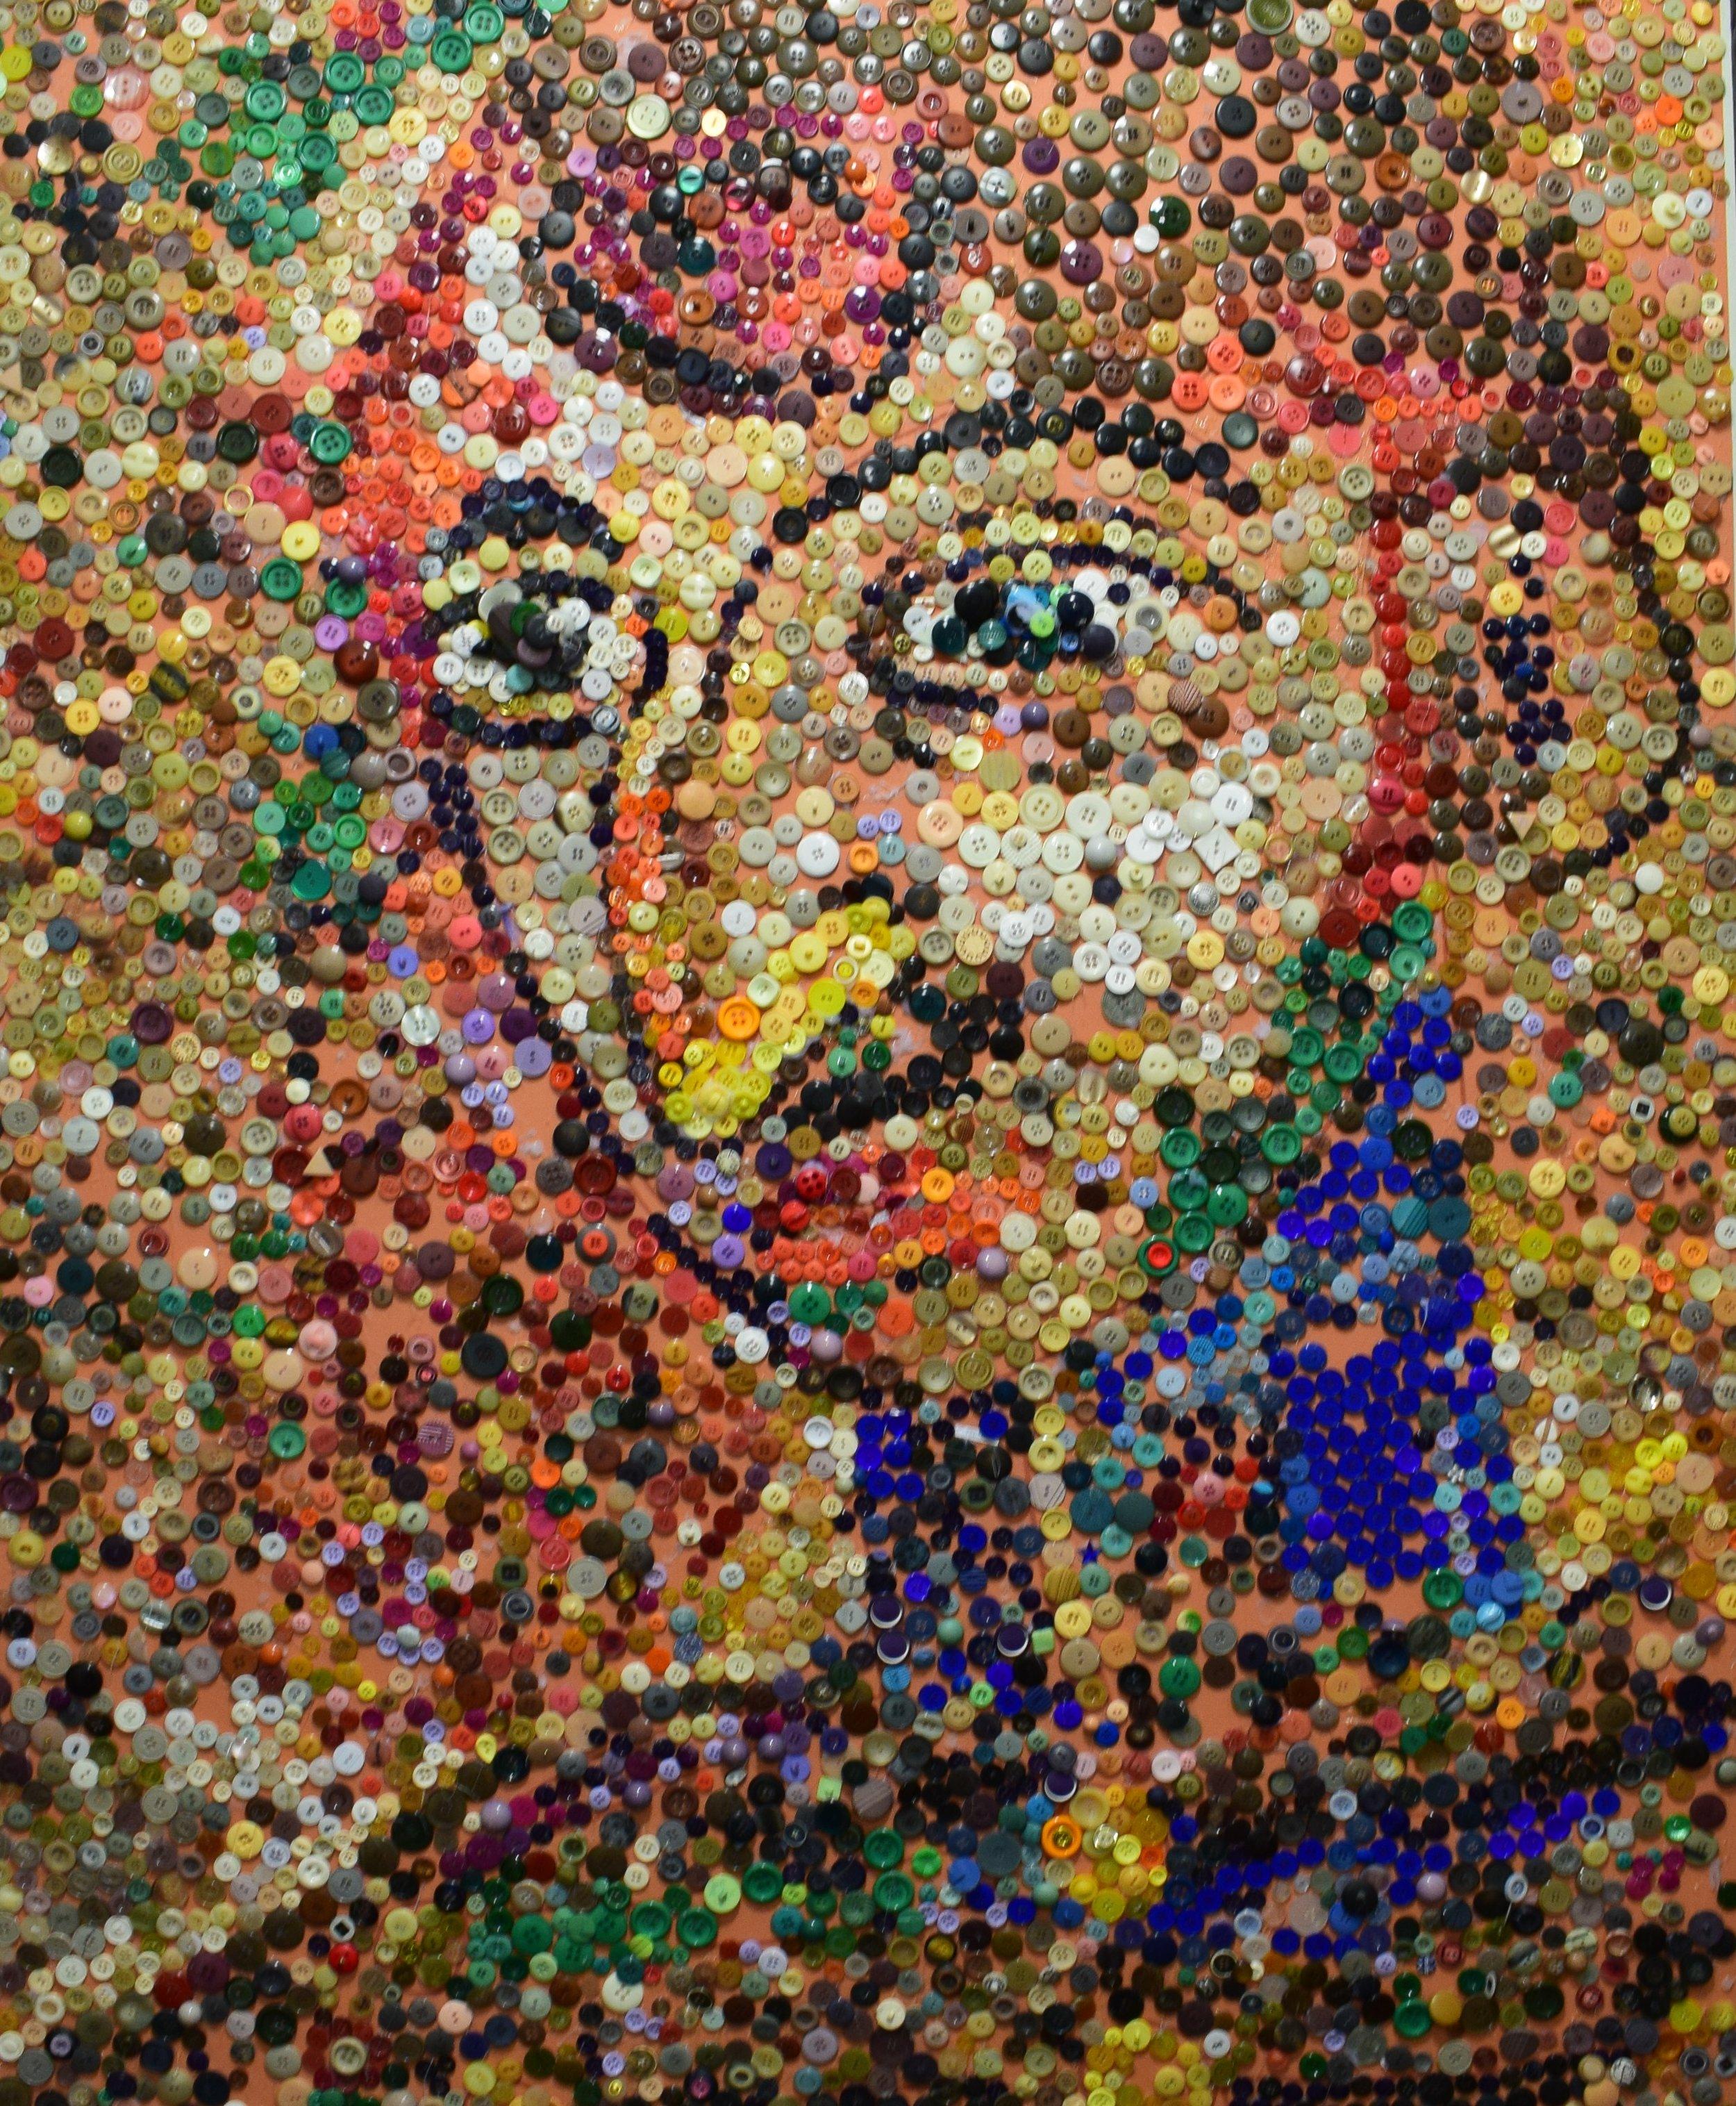 Issac Grünewald, Självporträtt i knappversion (Selfportrait made of buttons)